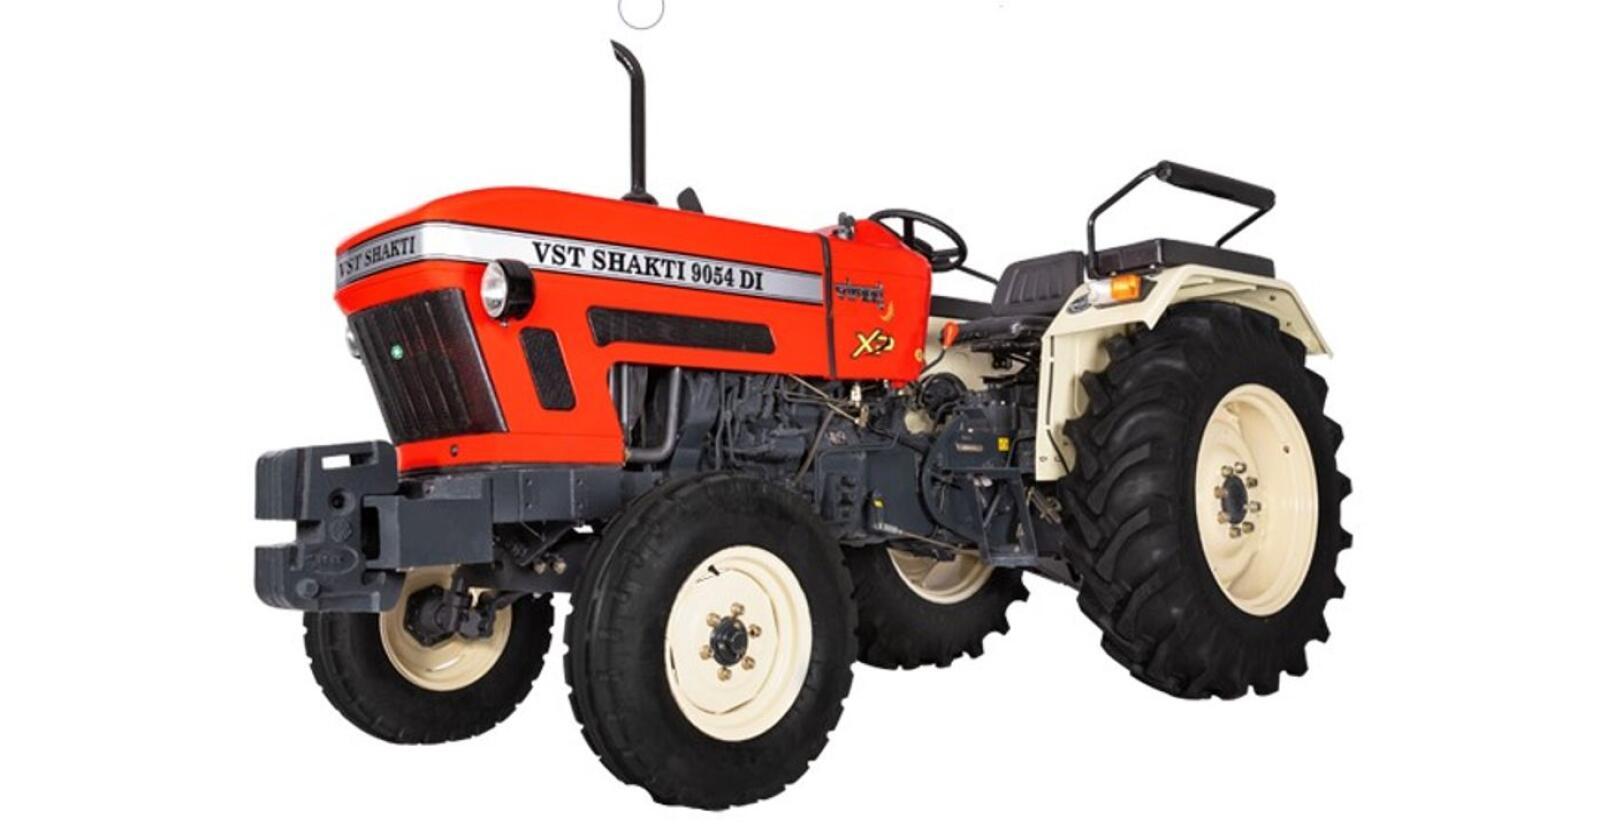 VST skal være en av Indias ledende produsenter av traktorer. (Foto: Produsenten)